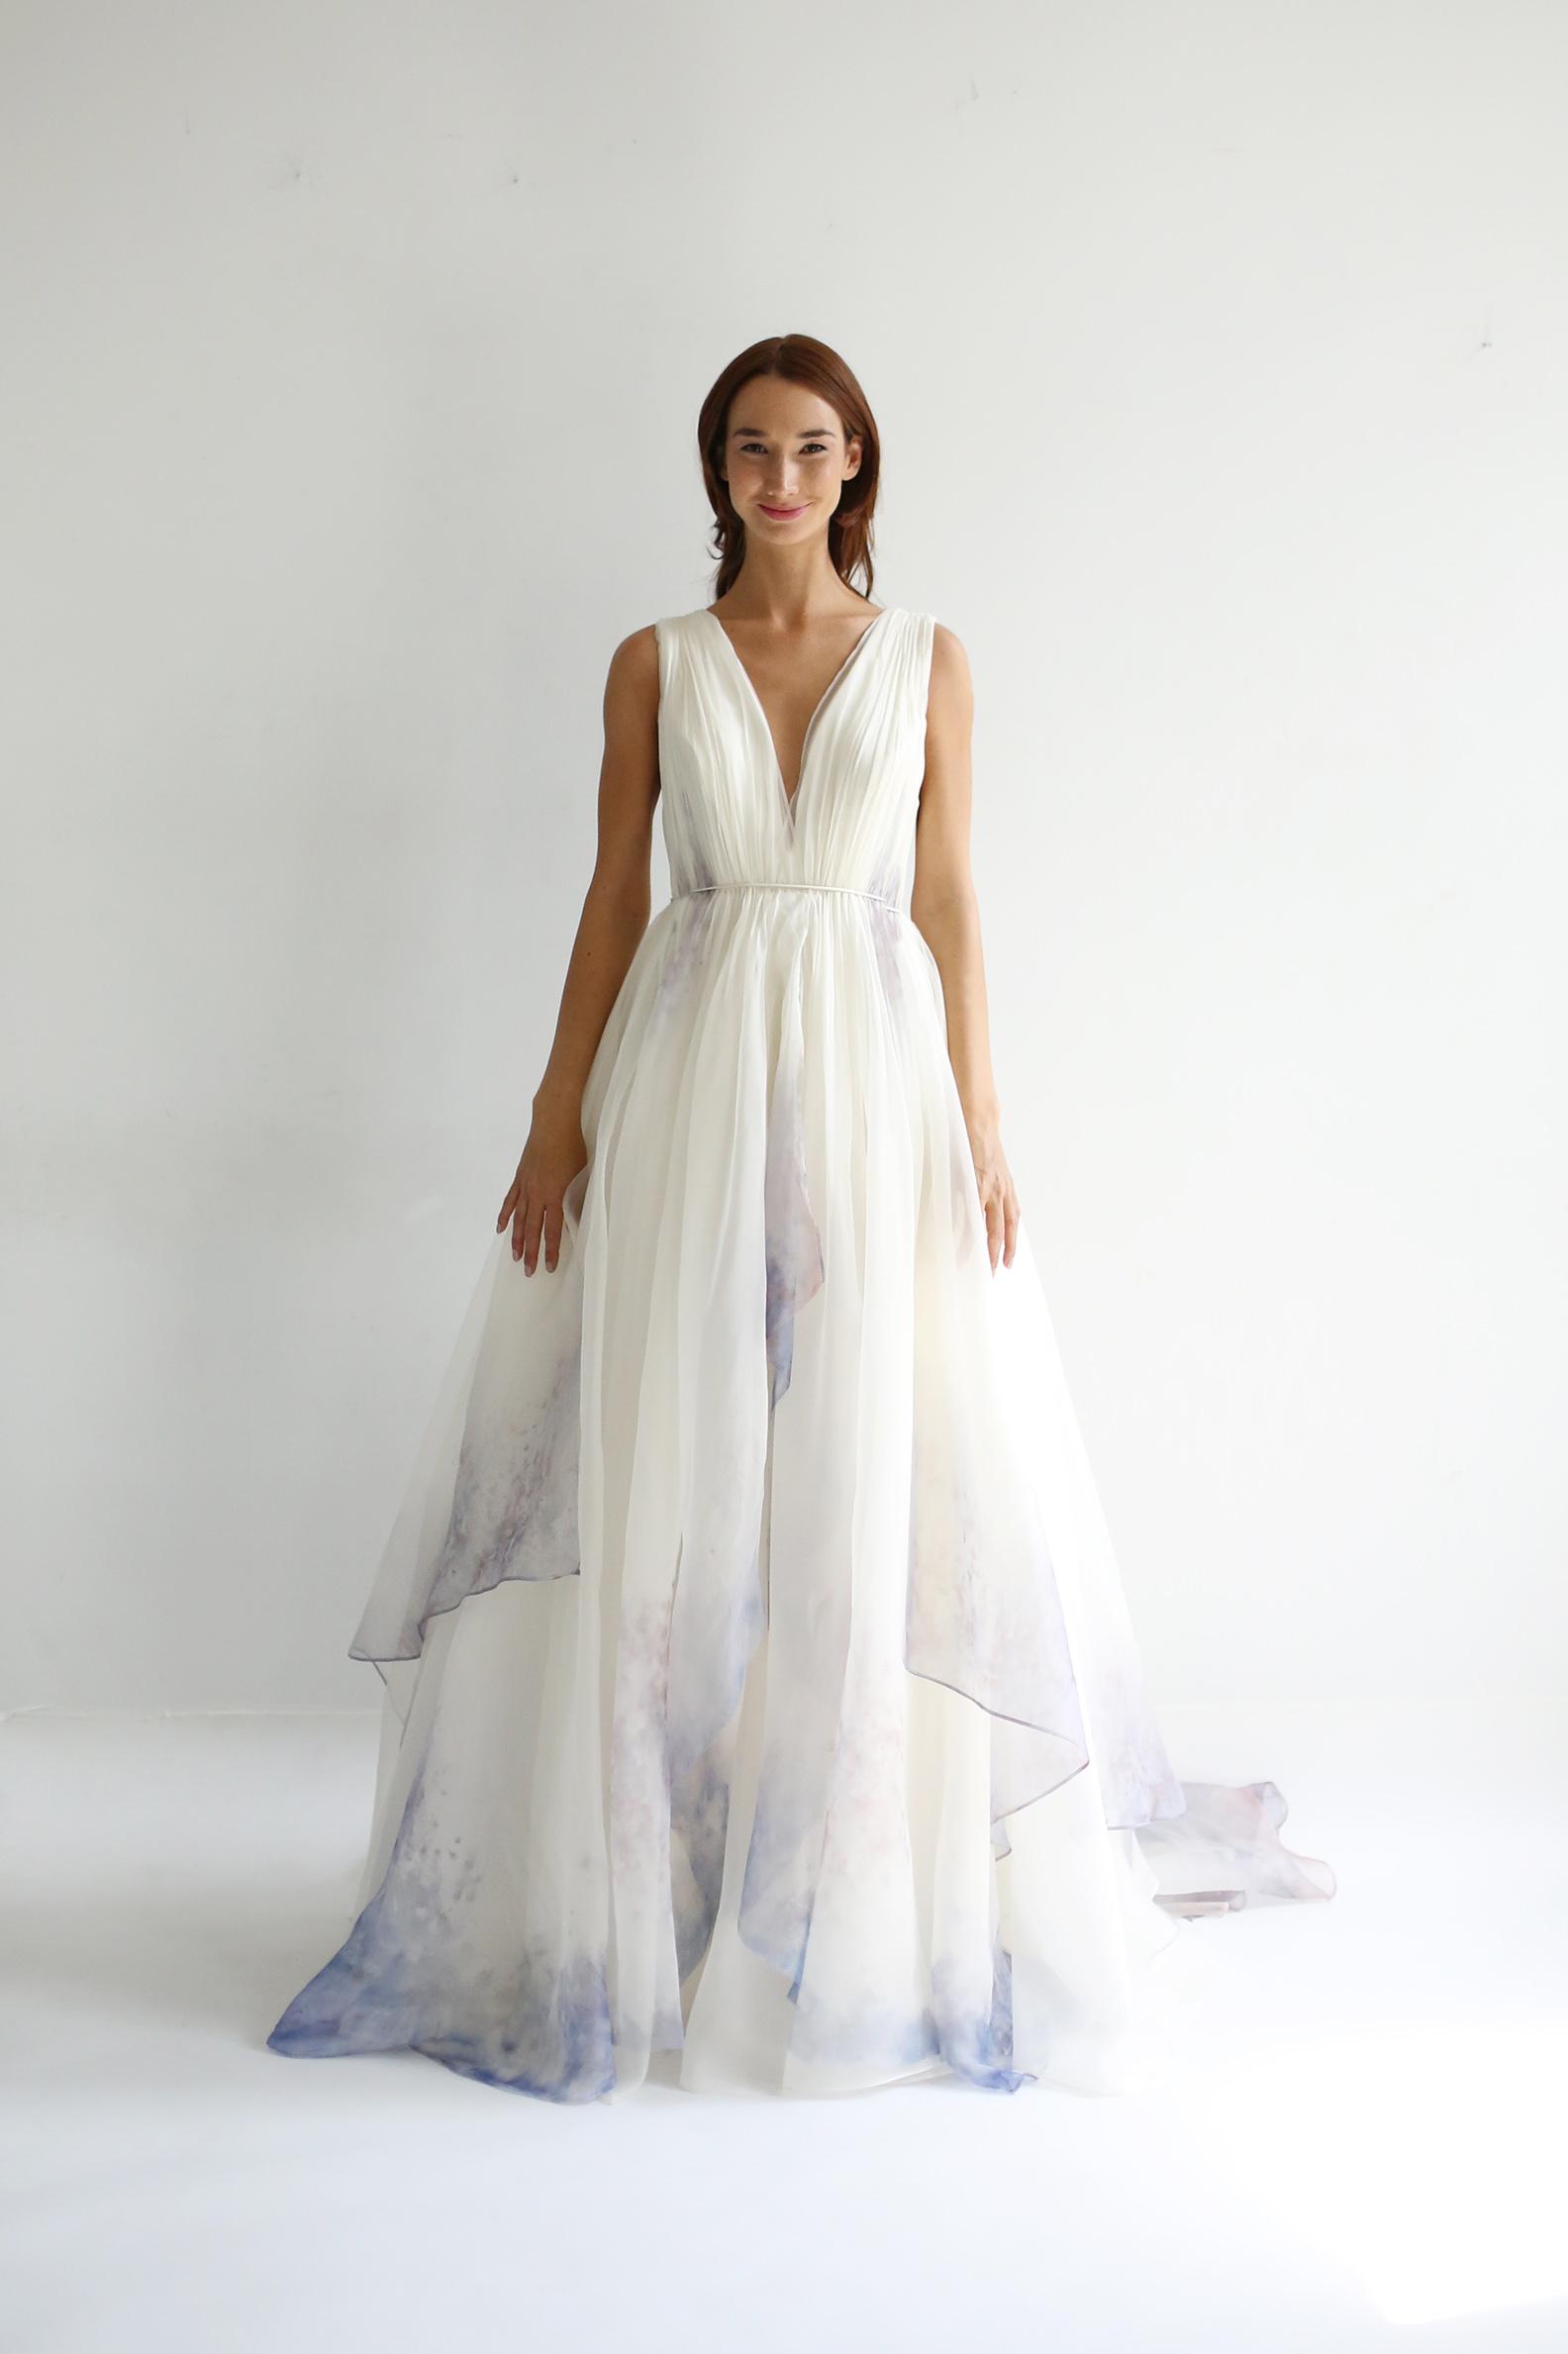 leanne-marshall-bridal-14(1).jpg